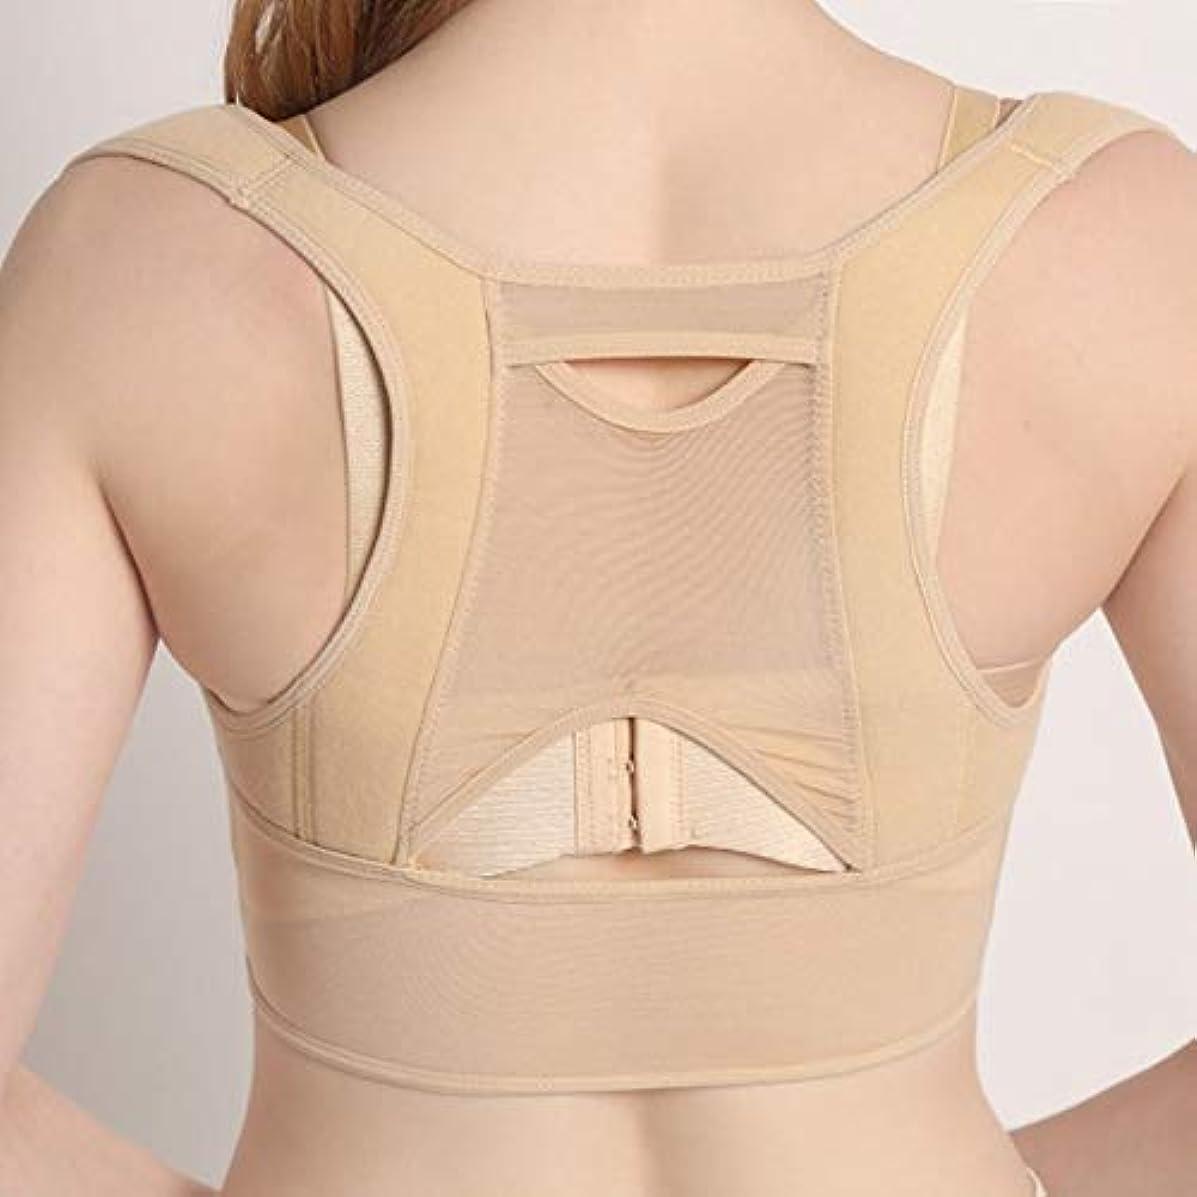 たるみ口実サンプル通気性のある女性の背中の姿勢矯正コルセット整形外科の肩の背骨の背骨の姿勢矯正腰椎サポート